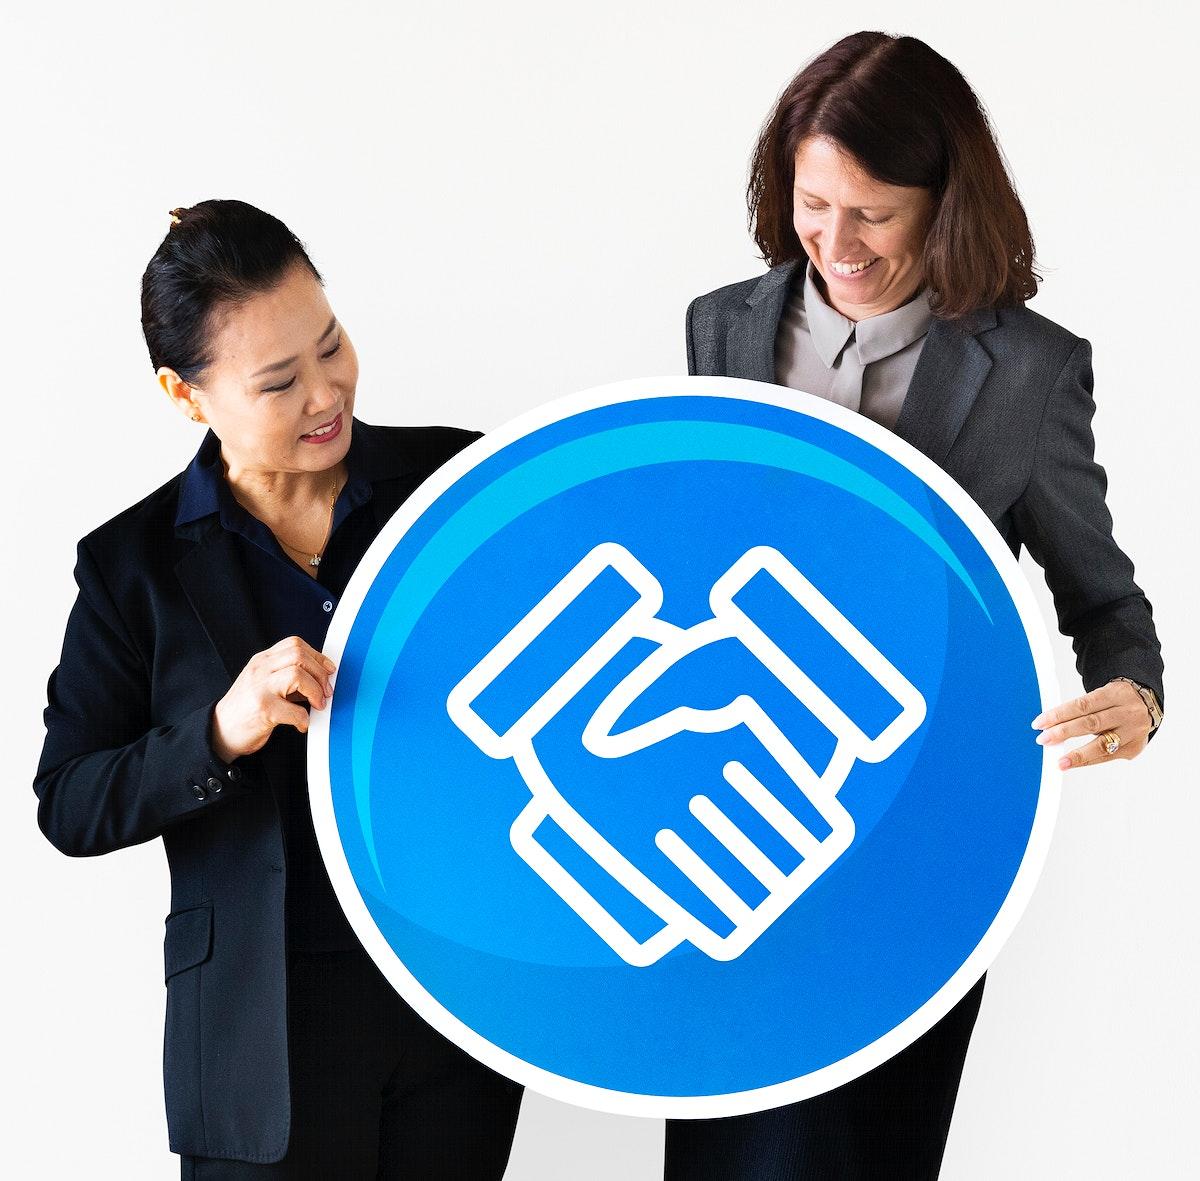 Businesswomen holding a handshake icon